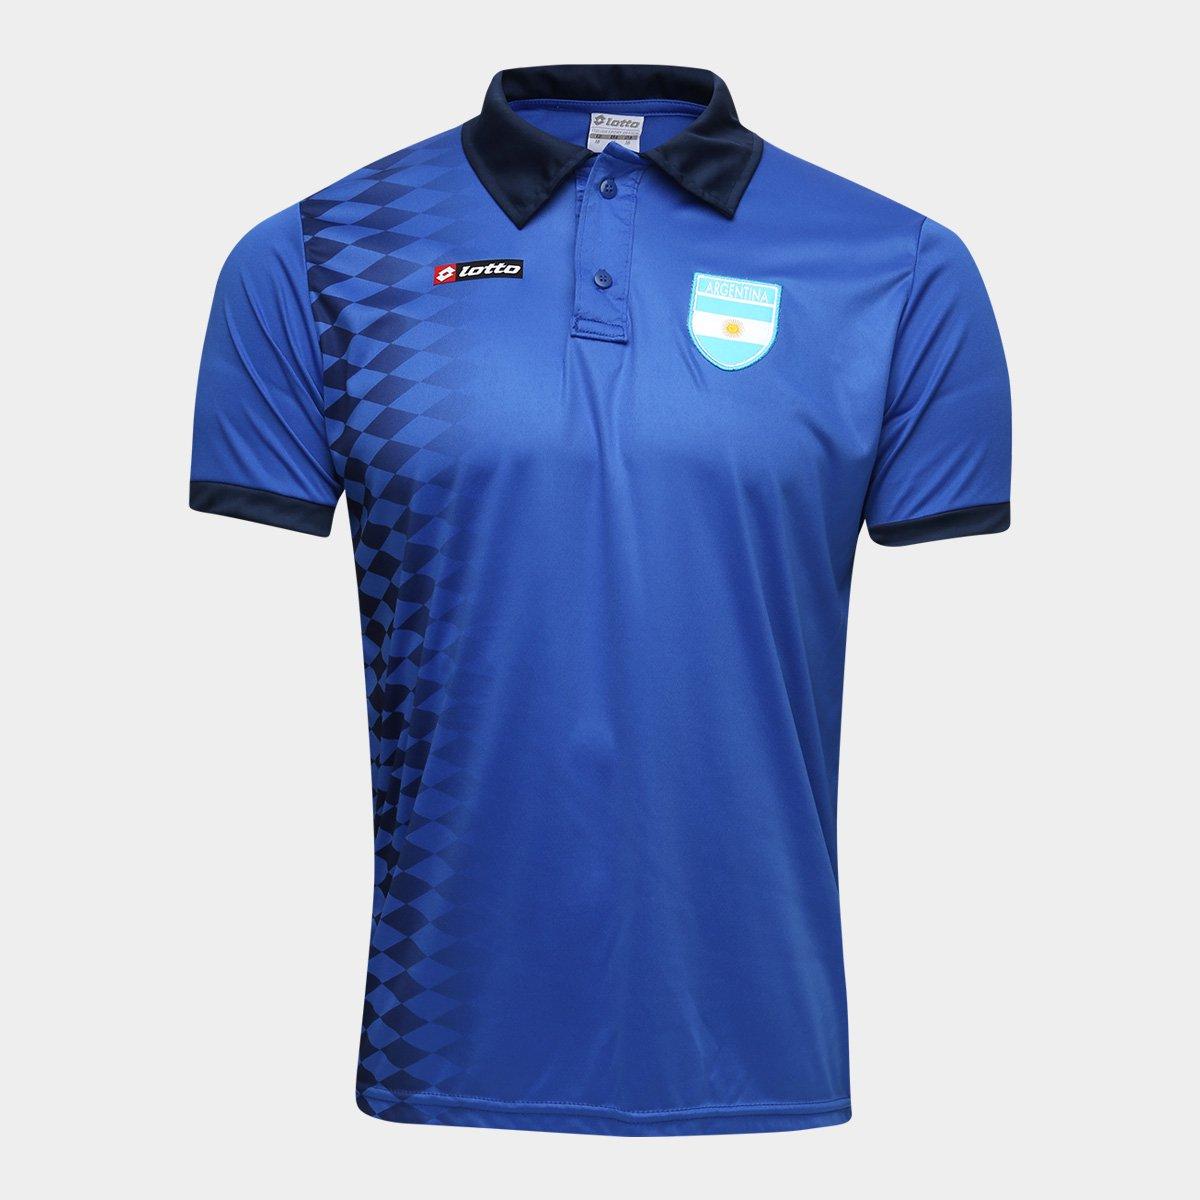 bbf6c68ecac73 Camisa Argentina 1994 n° 10 Lotto Masculina - Azul e Marinho - Compre Agora